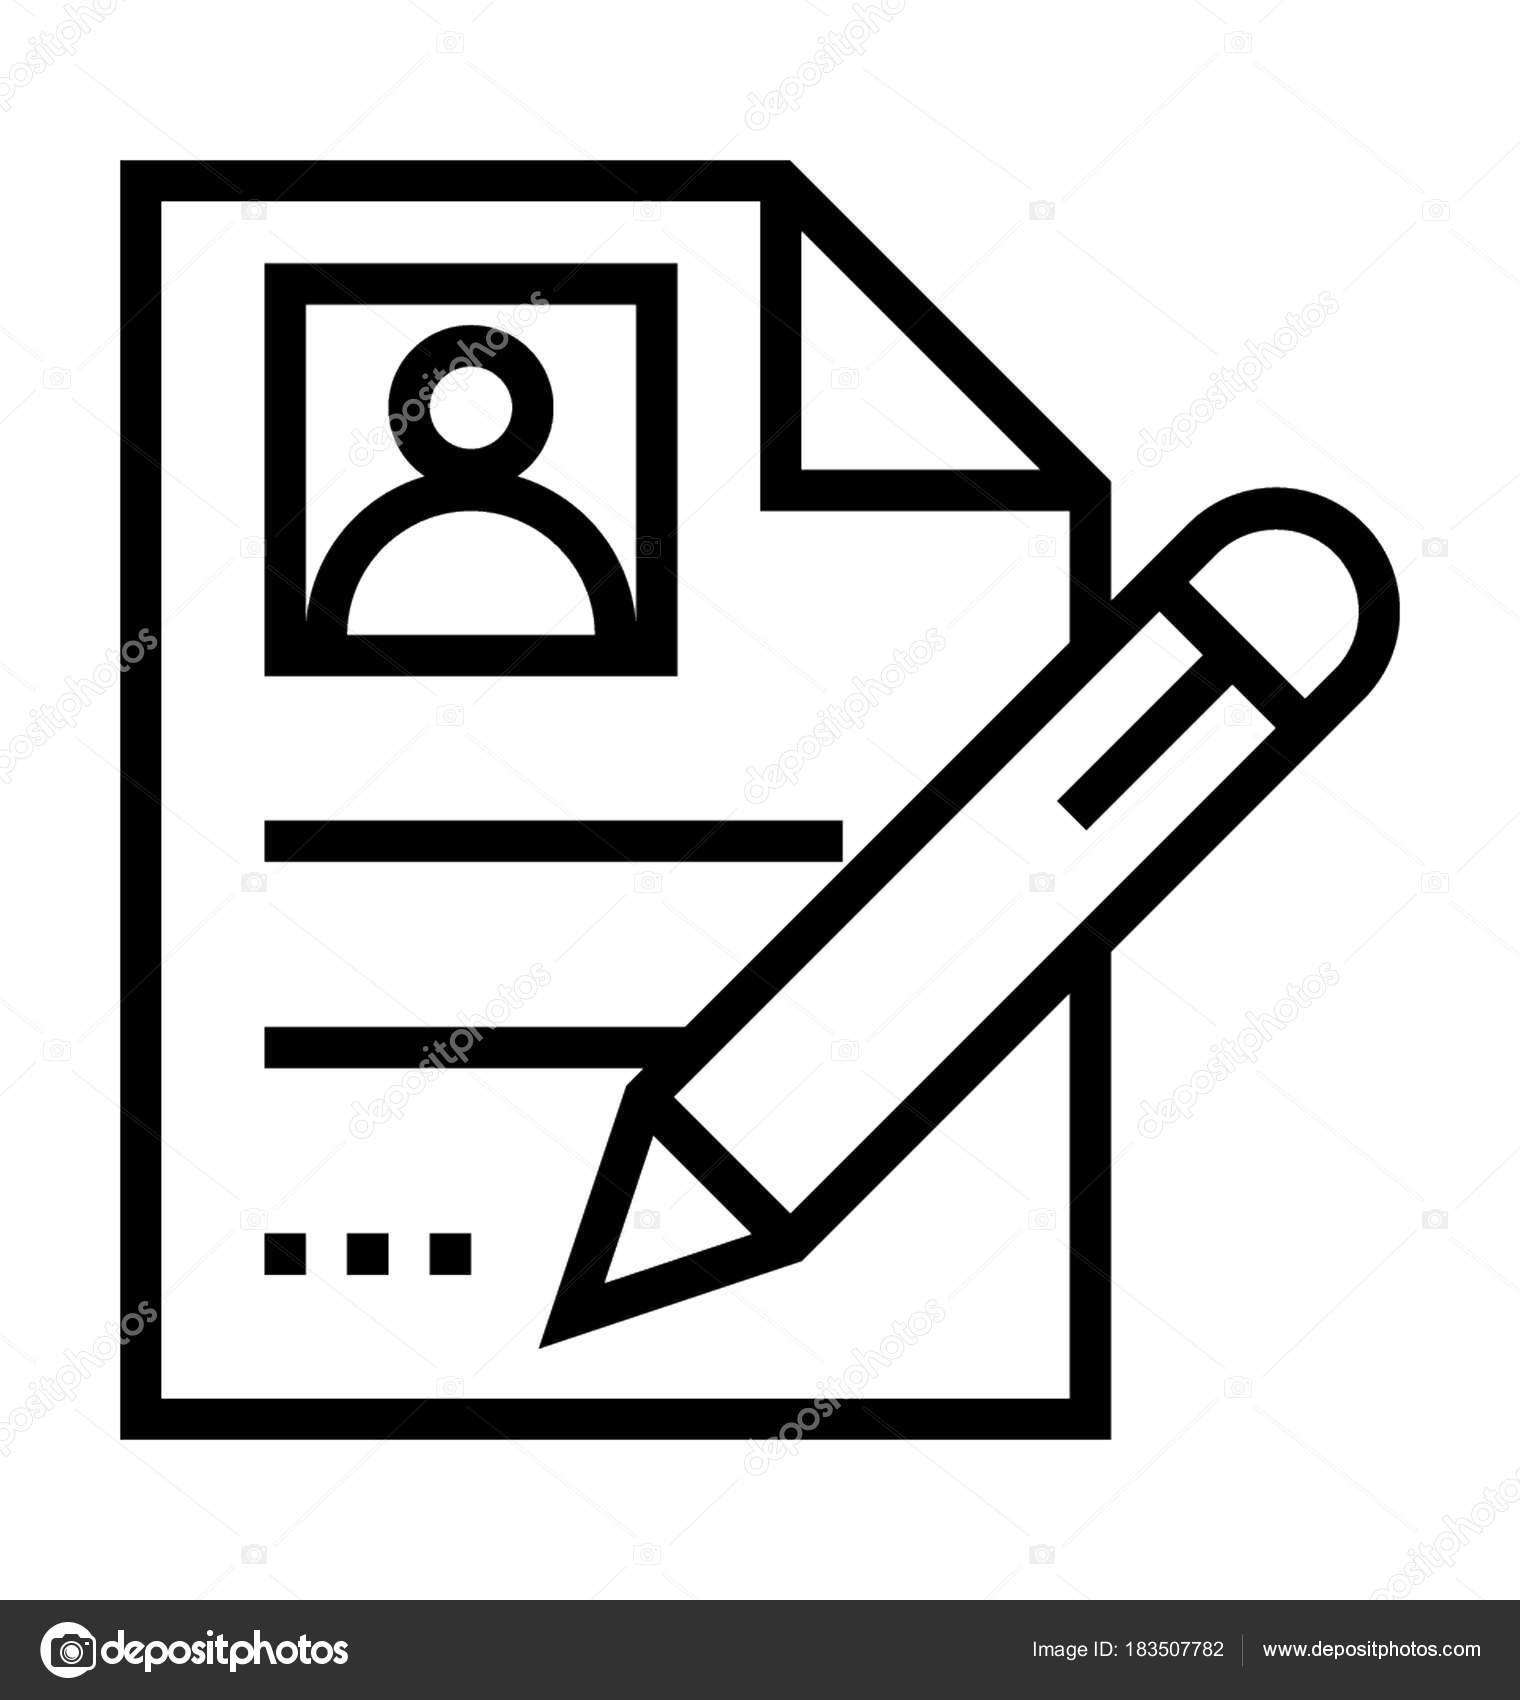 Lebenslauf schreiben Vektor Icon — Stockvektor © prosymbols #183507782